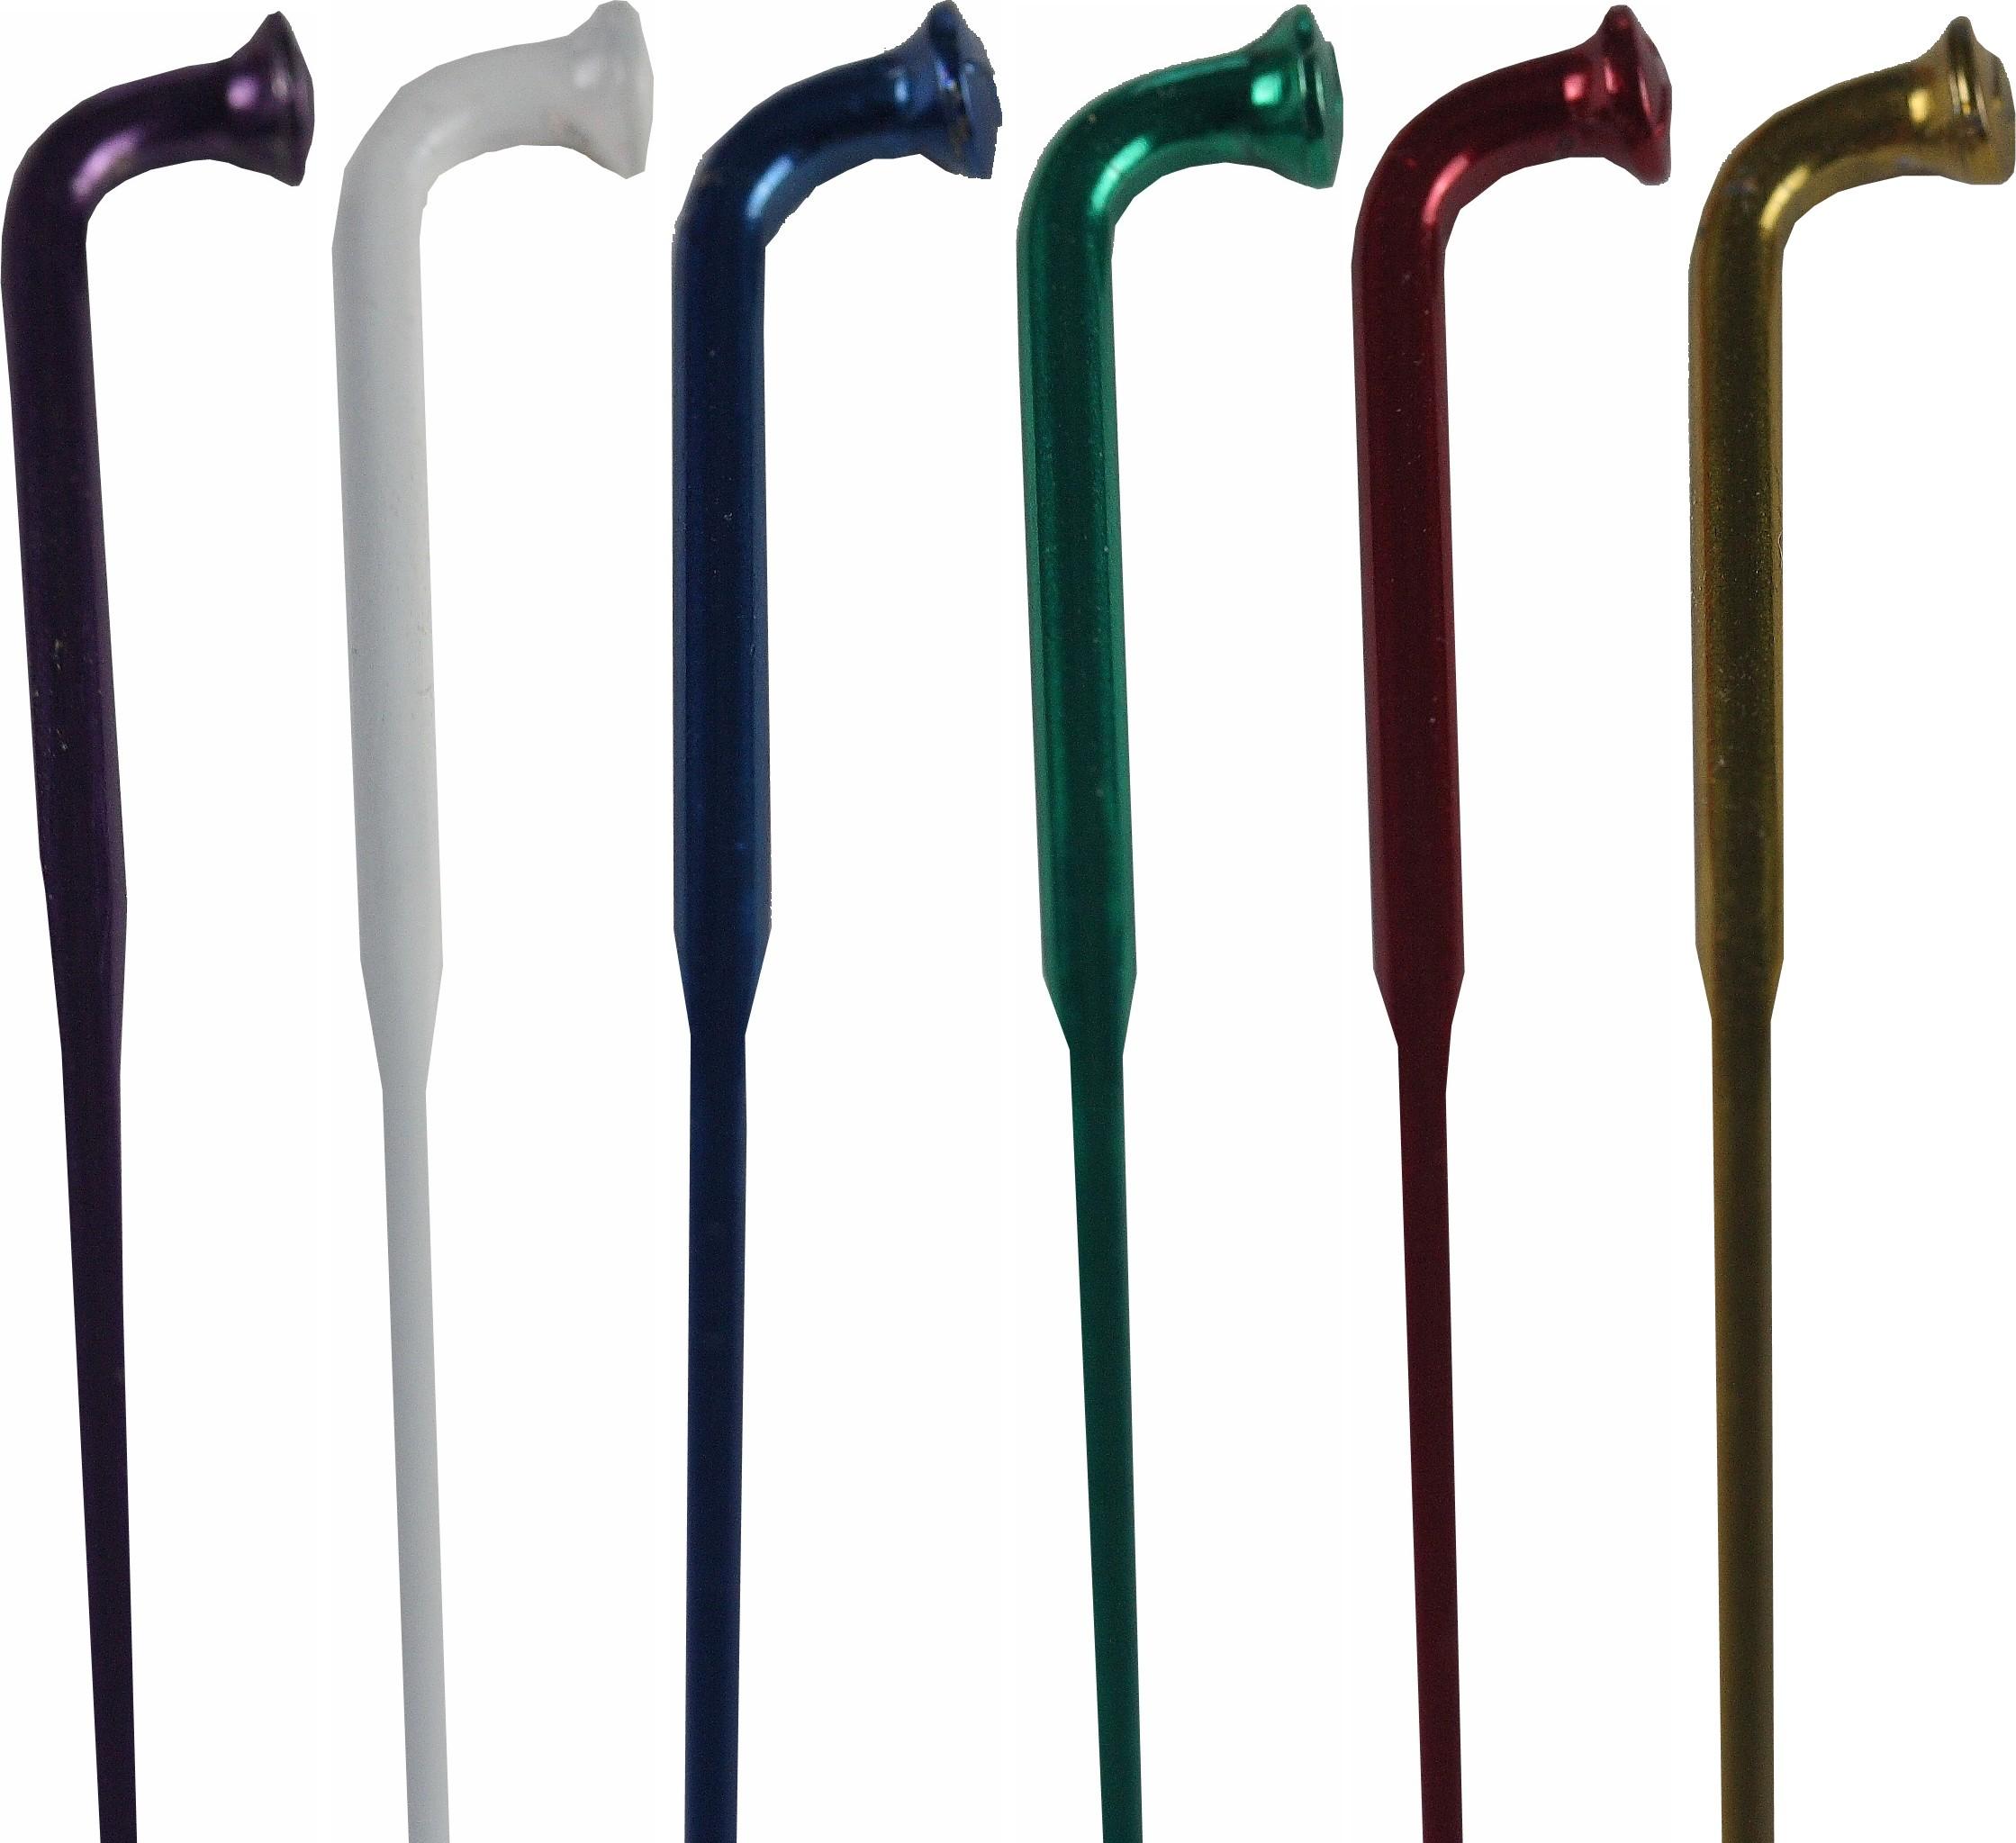 4 Speichen Länge 268 mm Pillar Spokes PSR 14 in diversen Farben